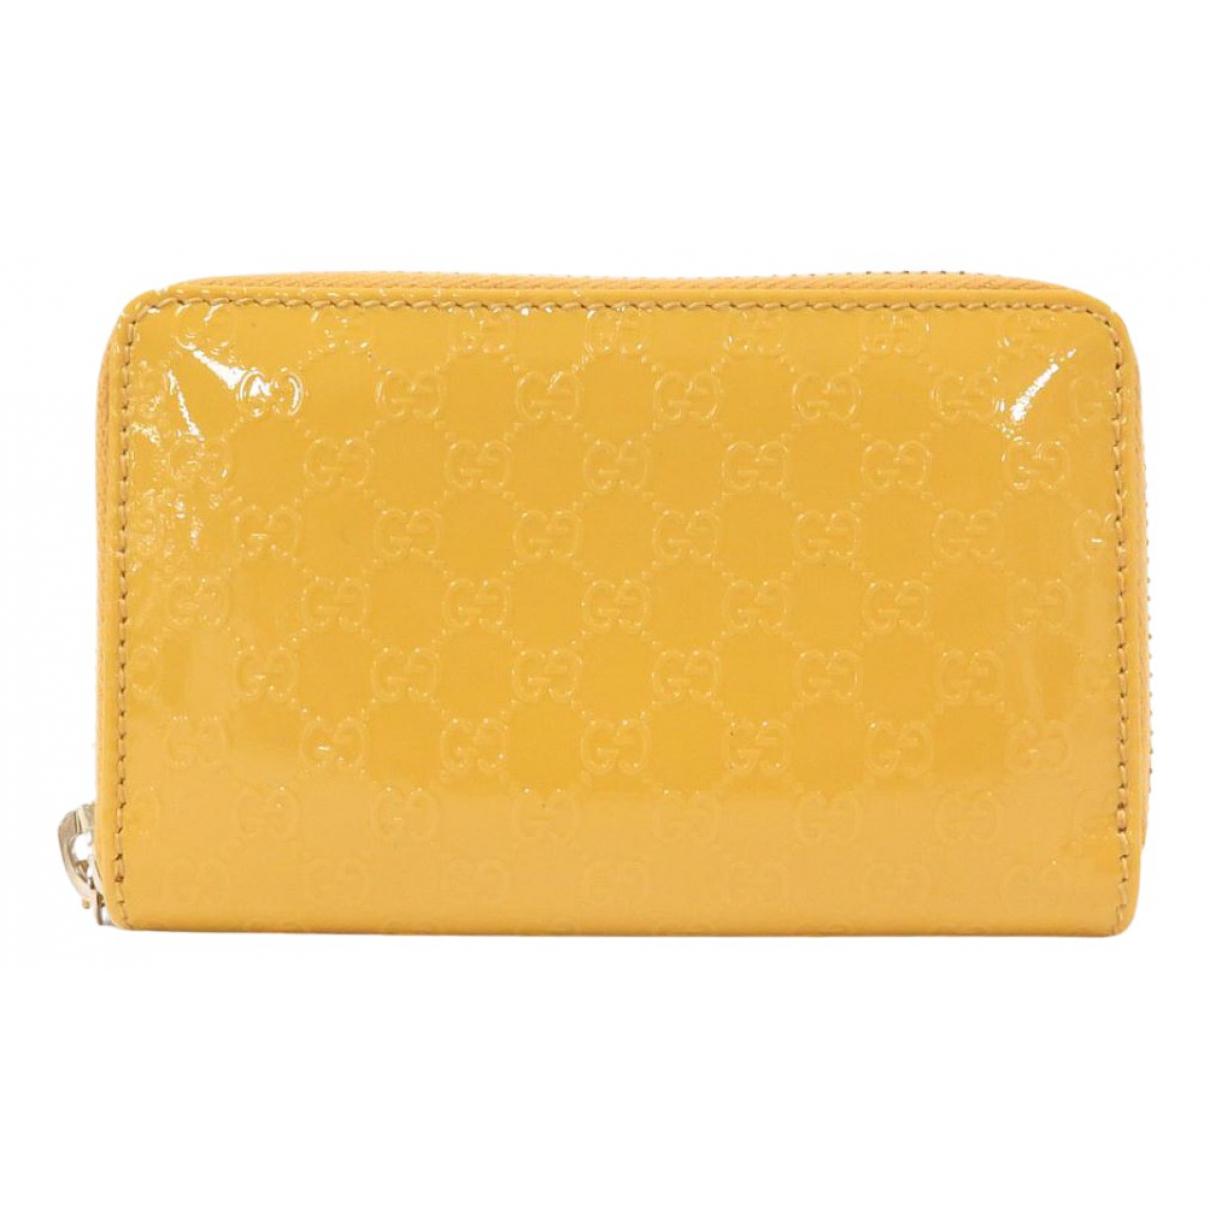 Gucci - Portefeuille   pour femme en cuir verni - jaune